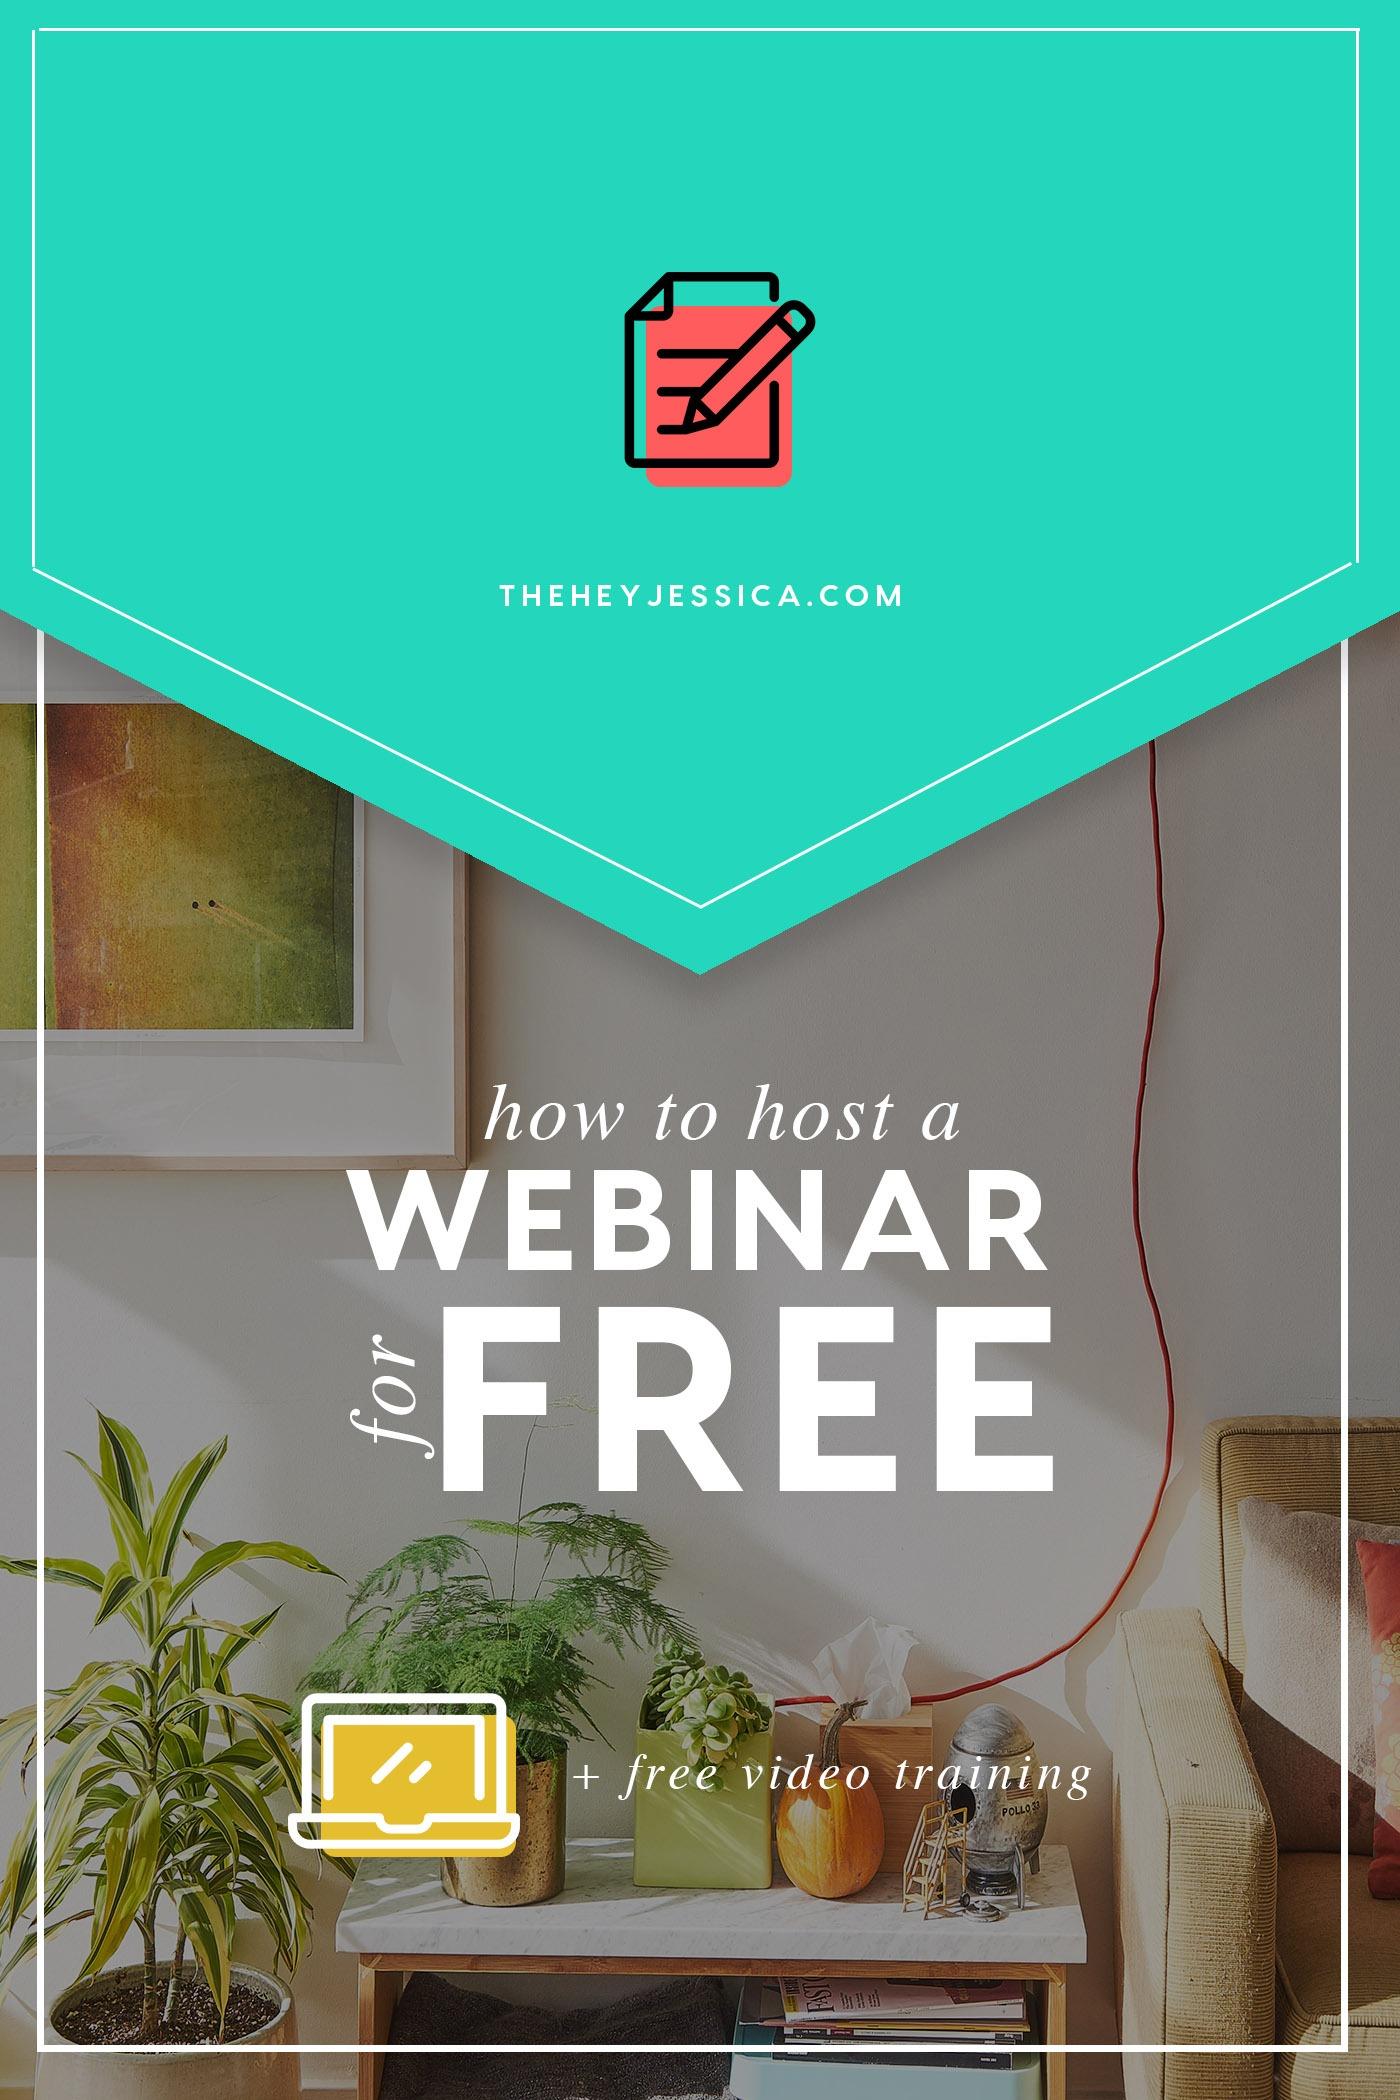 webinar for free